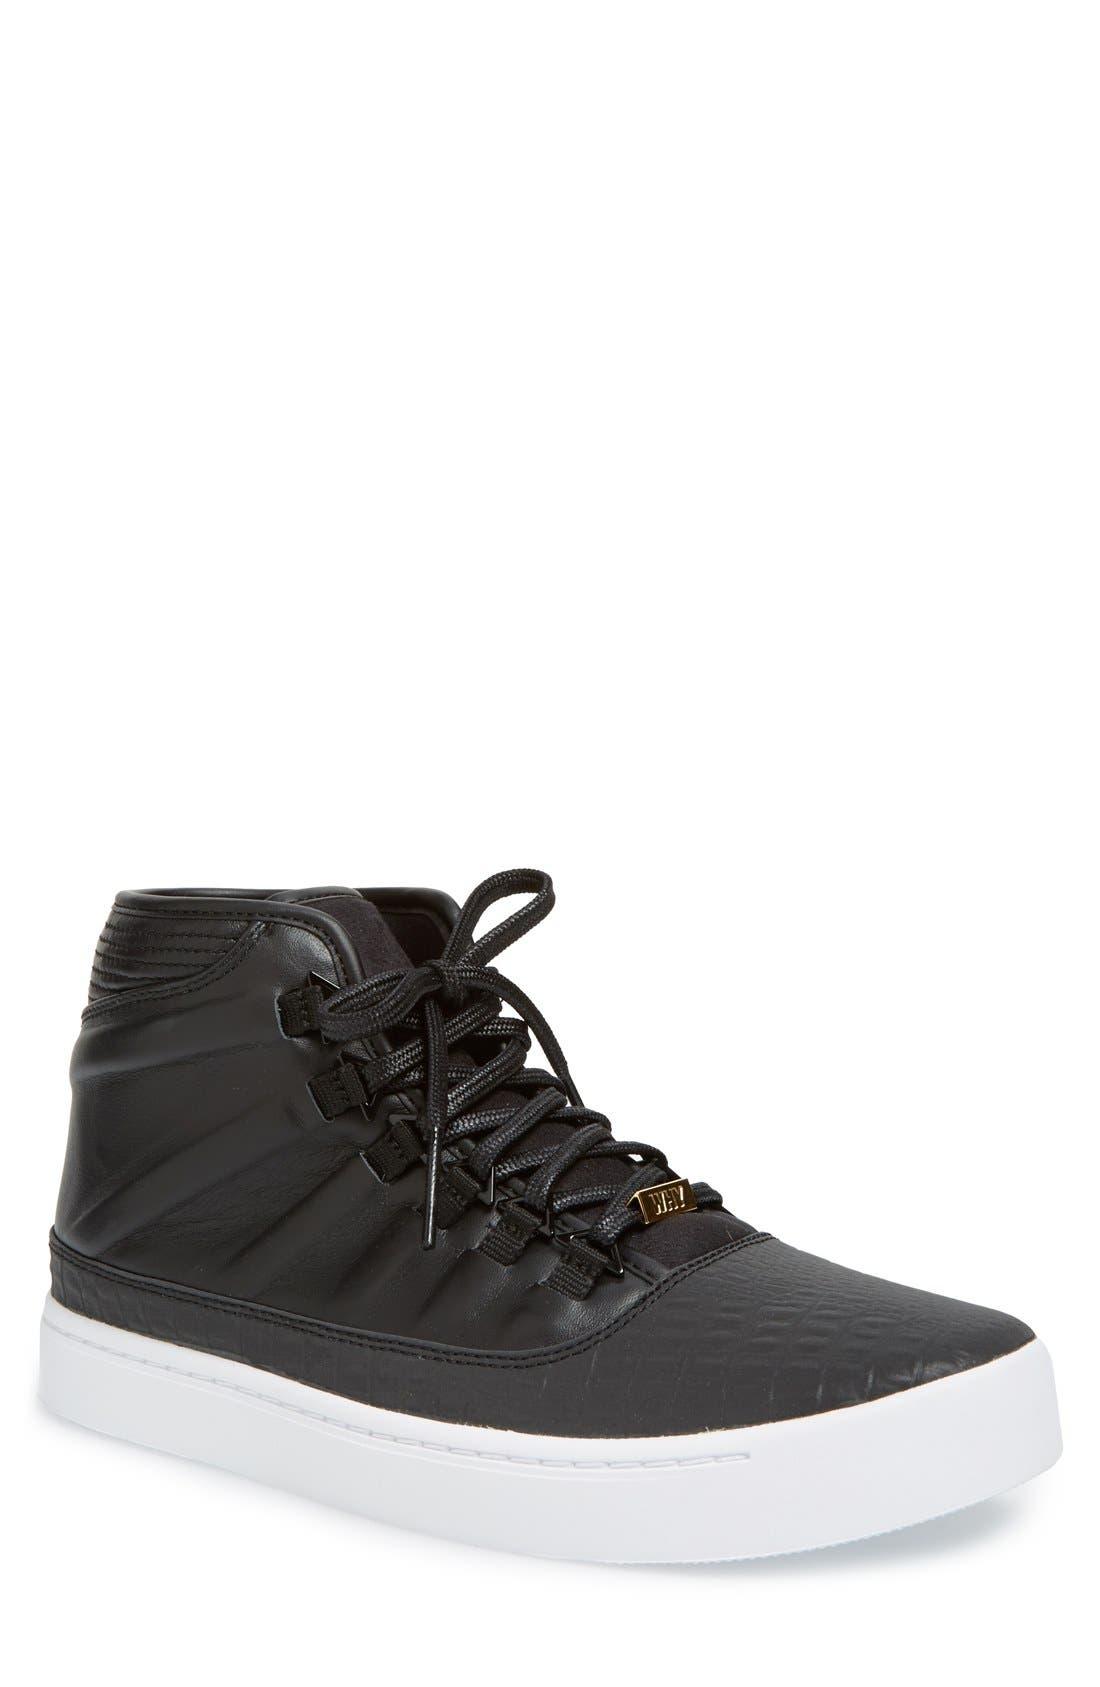 'Jordan - Westbrook 0' High Top Sneaker, Main, color, 001